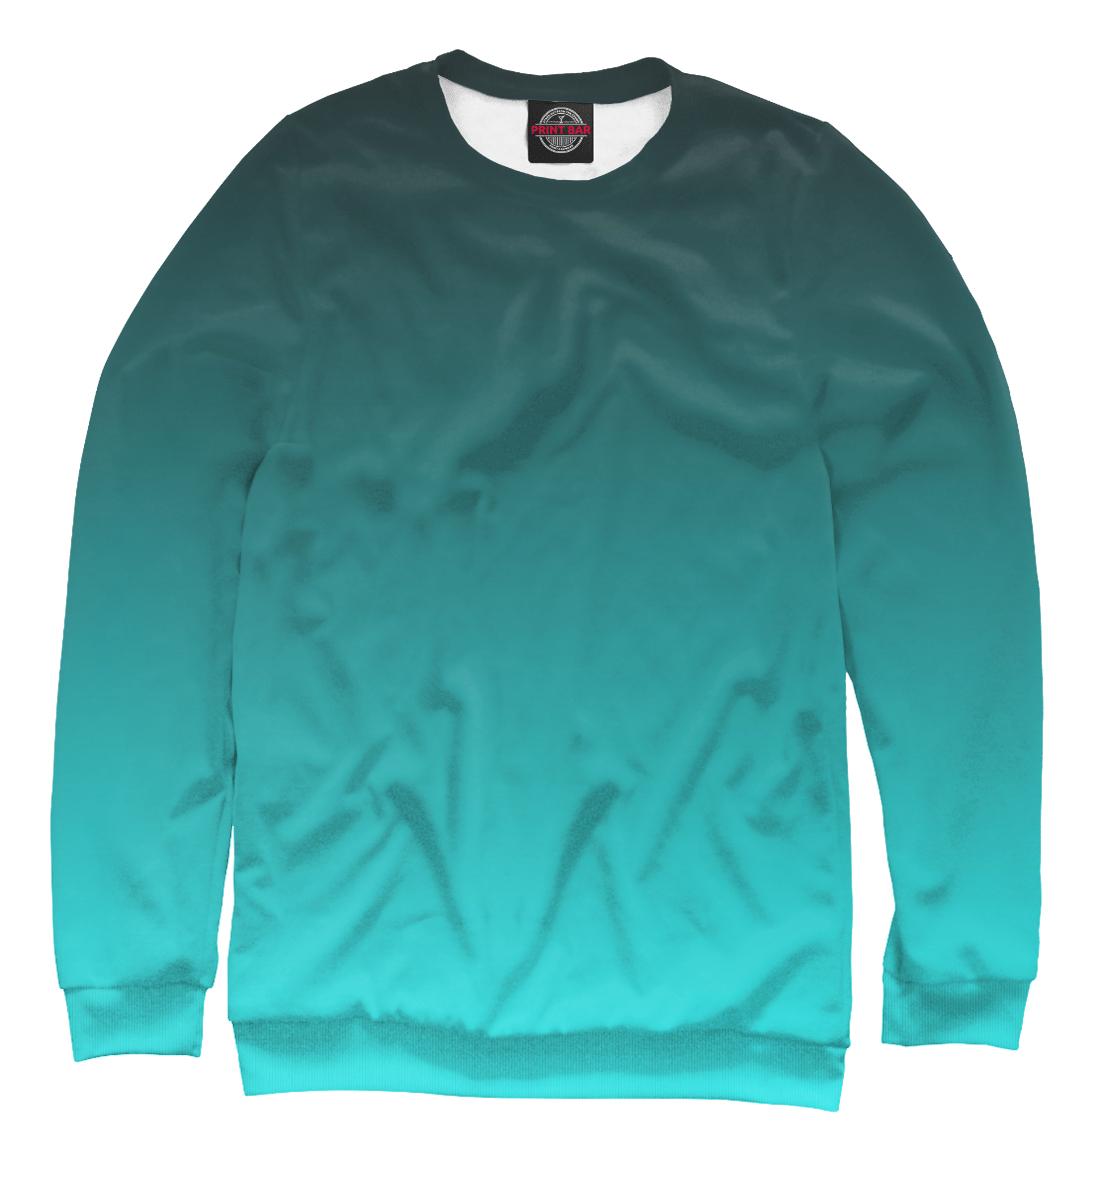 Купить Градиент Голубой в Черный, Printbar, Свитшоты, CLR-276598-swi-2